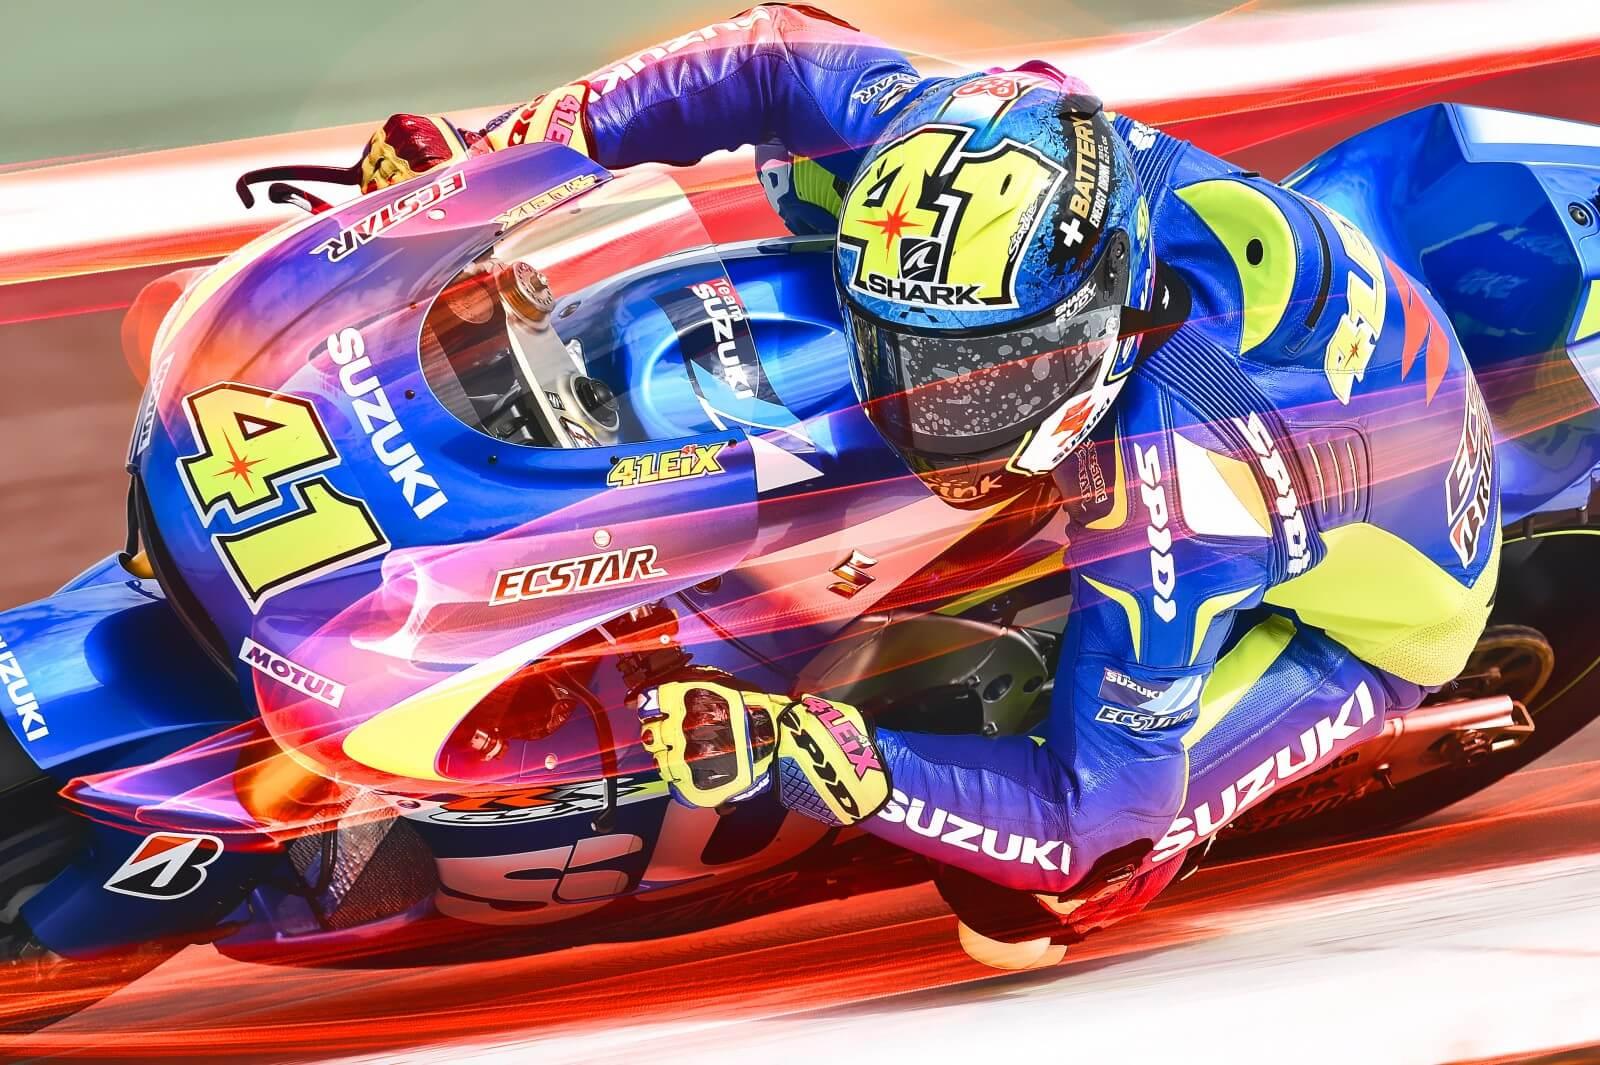 Race'R Pro Ambiance